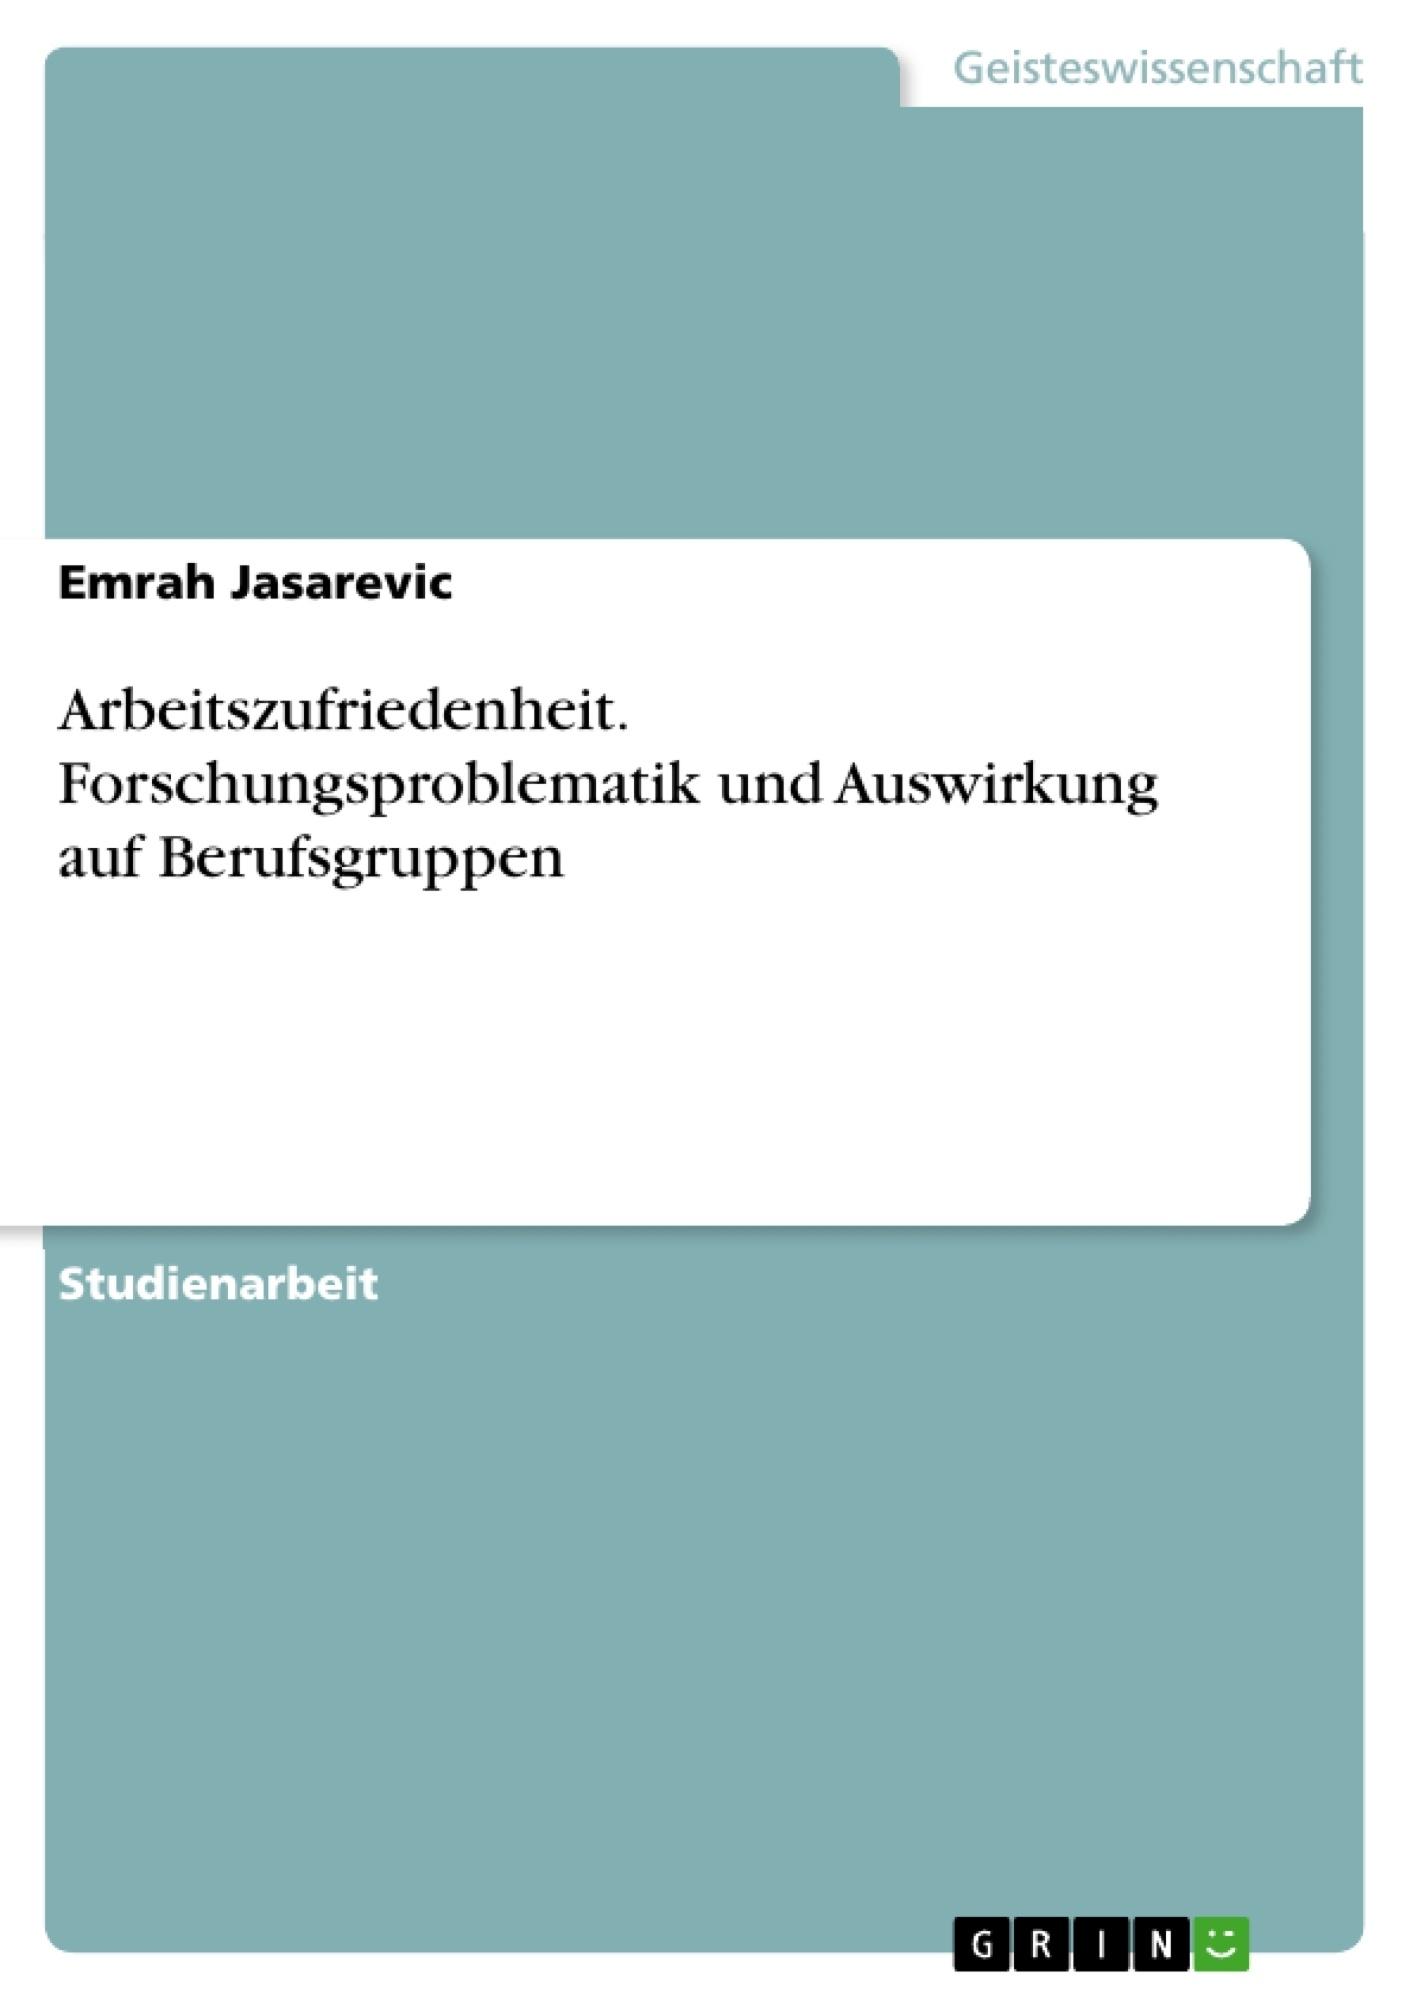 Titel: Arbeitszufriedenheit. Forschungsproblematik und Auswirkung auf Berufsgruppen